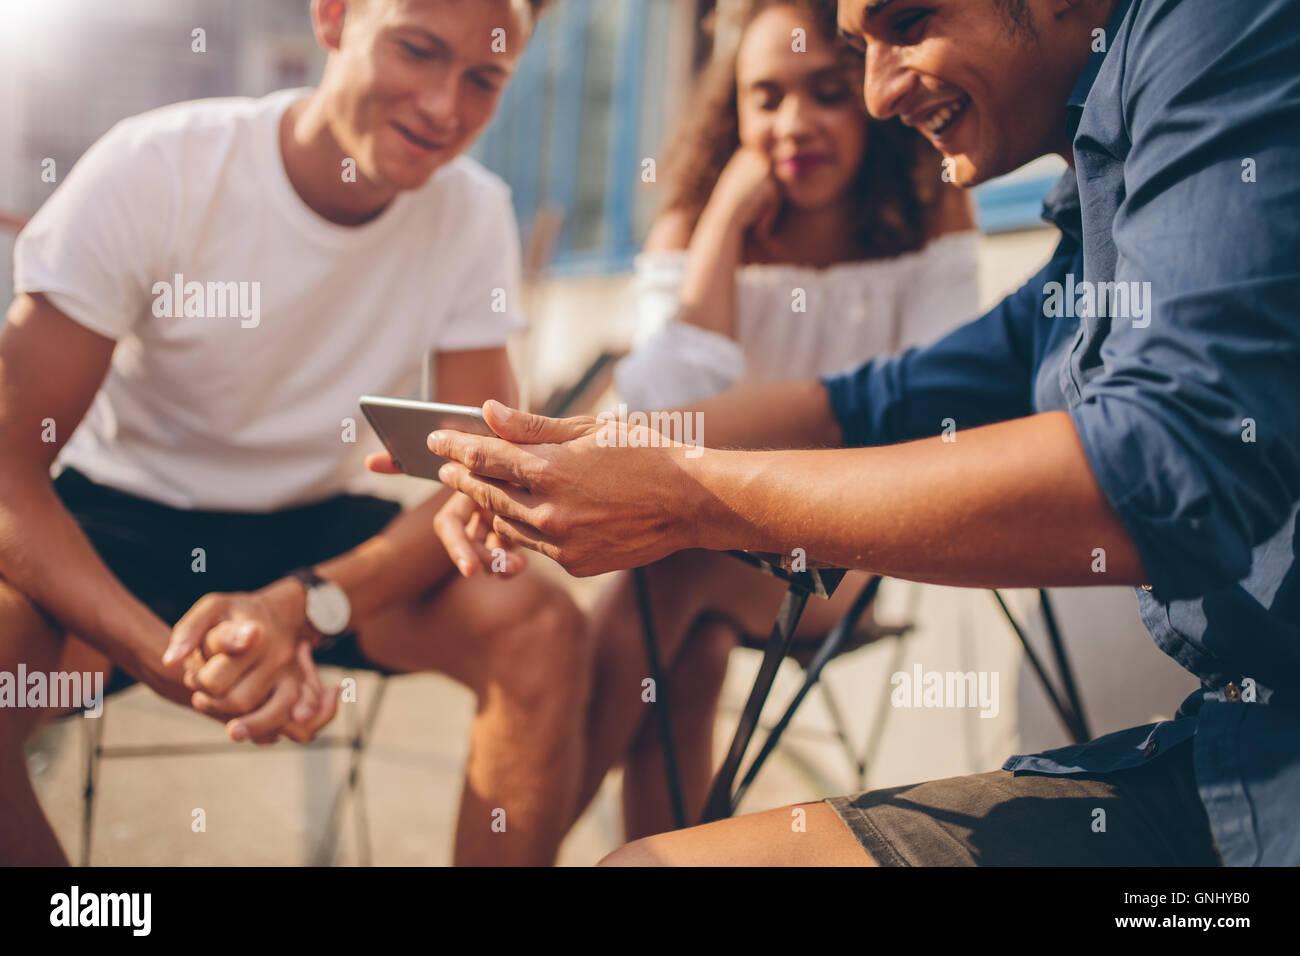 Les jeunes gens assis à l'extérieur et à la recherche sur téléphone mobile. Groupe Photo Stock